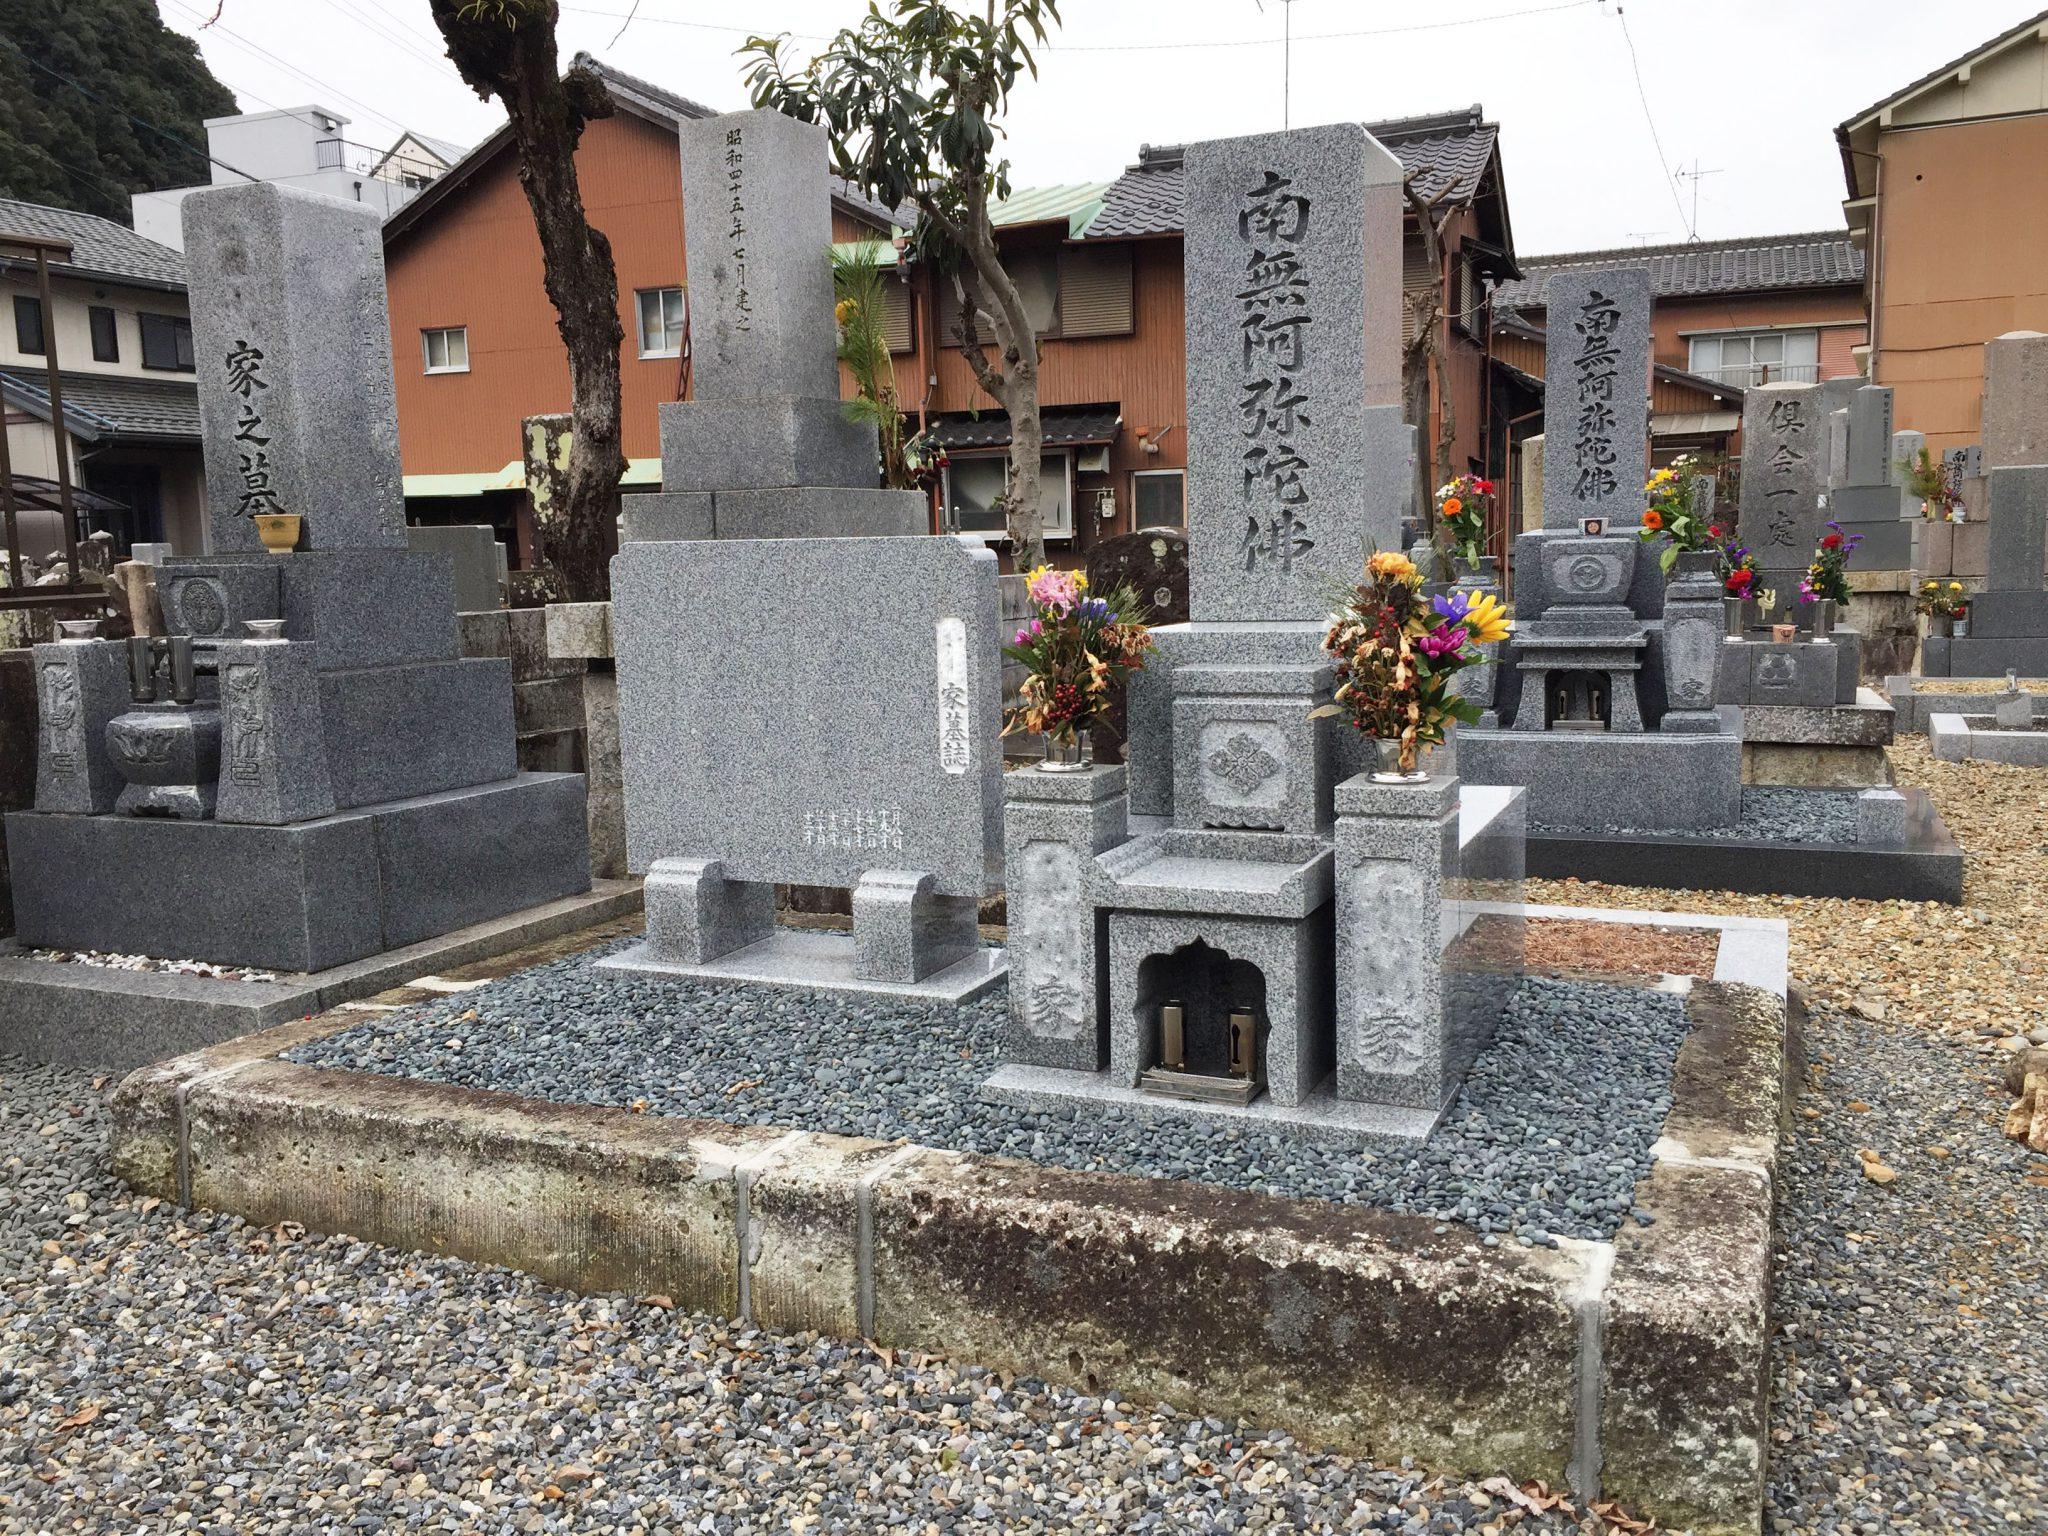 中国産 614石 8寸 飛翔型 墓石 墓誌